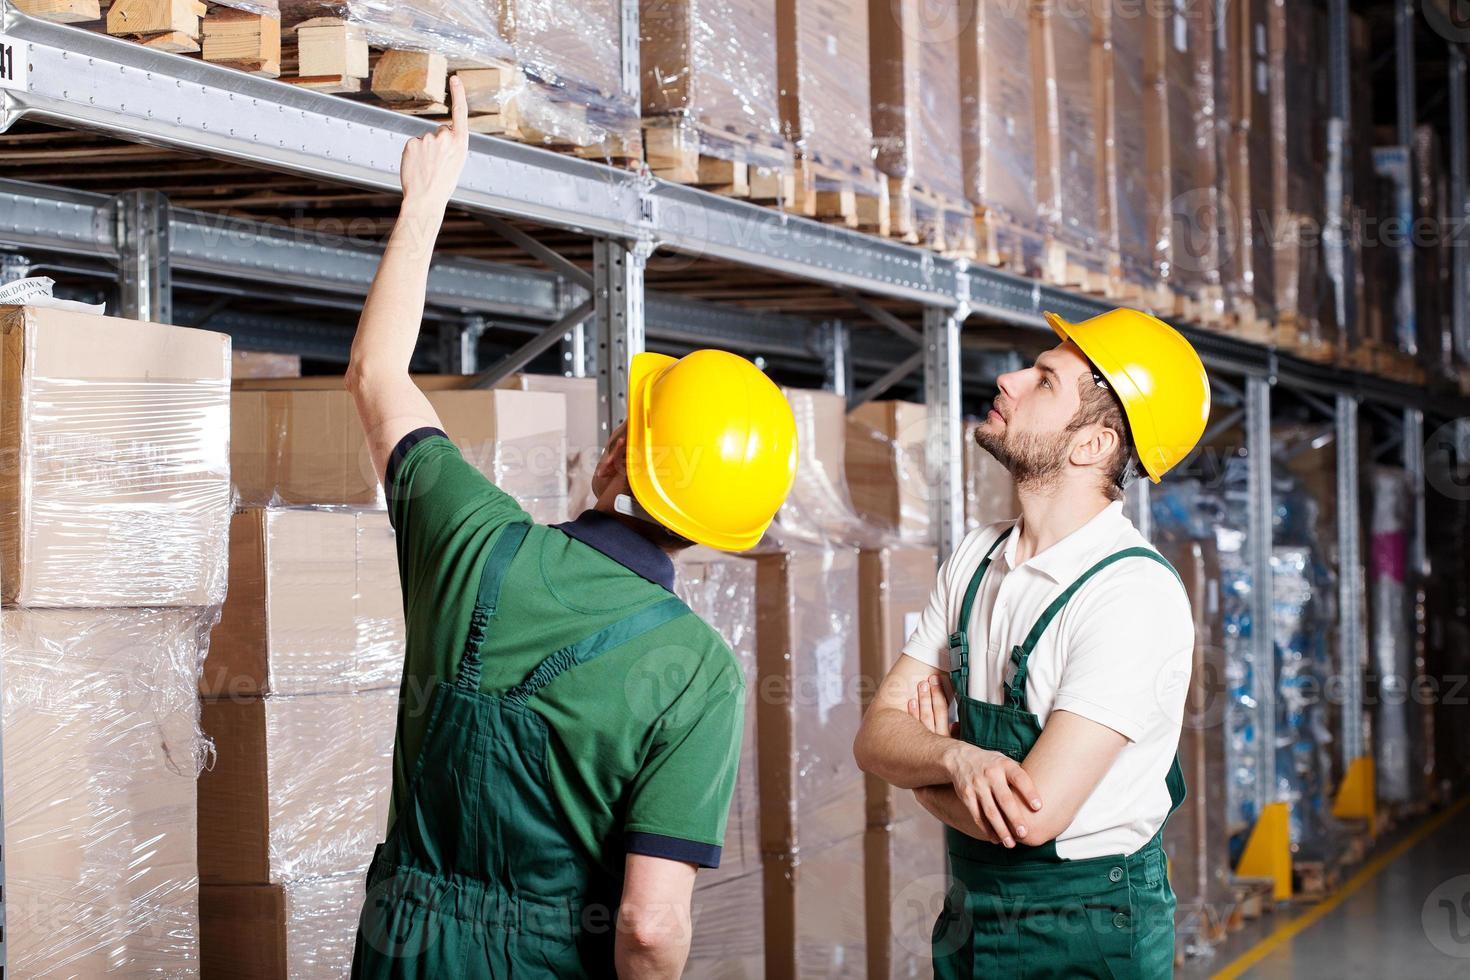 trabajadores en almacén foto